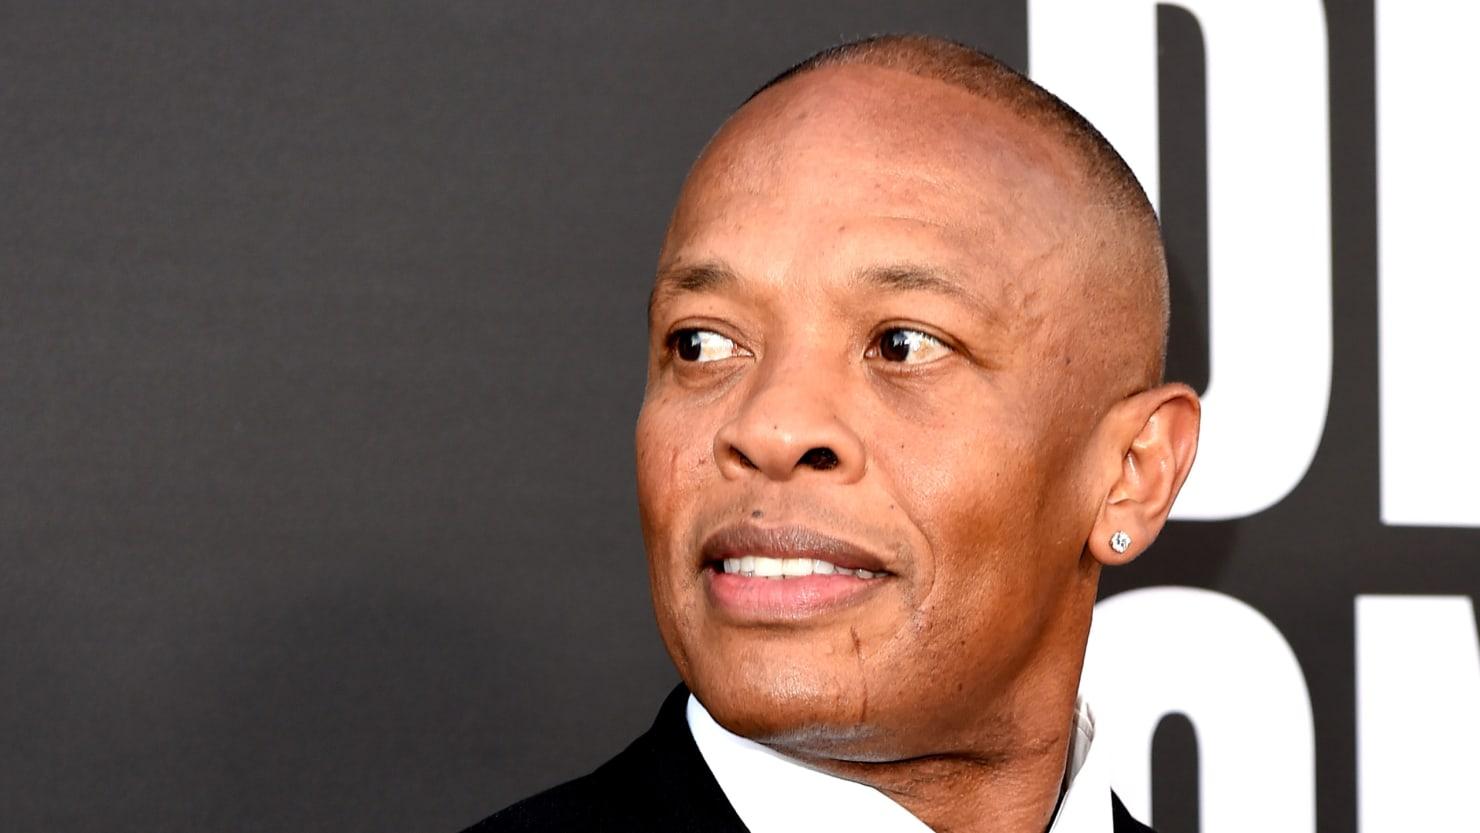 Dr. Dre Deletes Gloating USC Post After $70M Donation Backlash